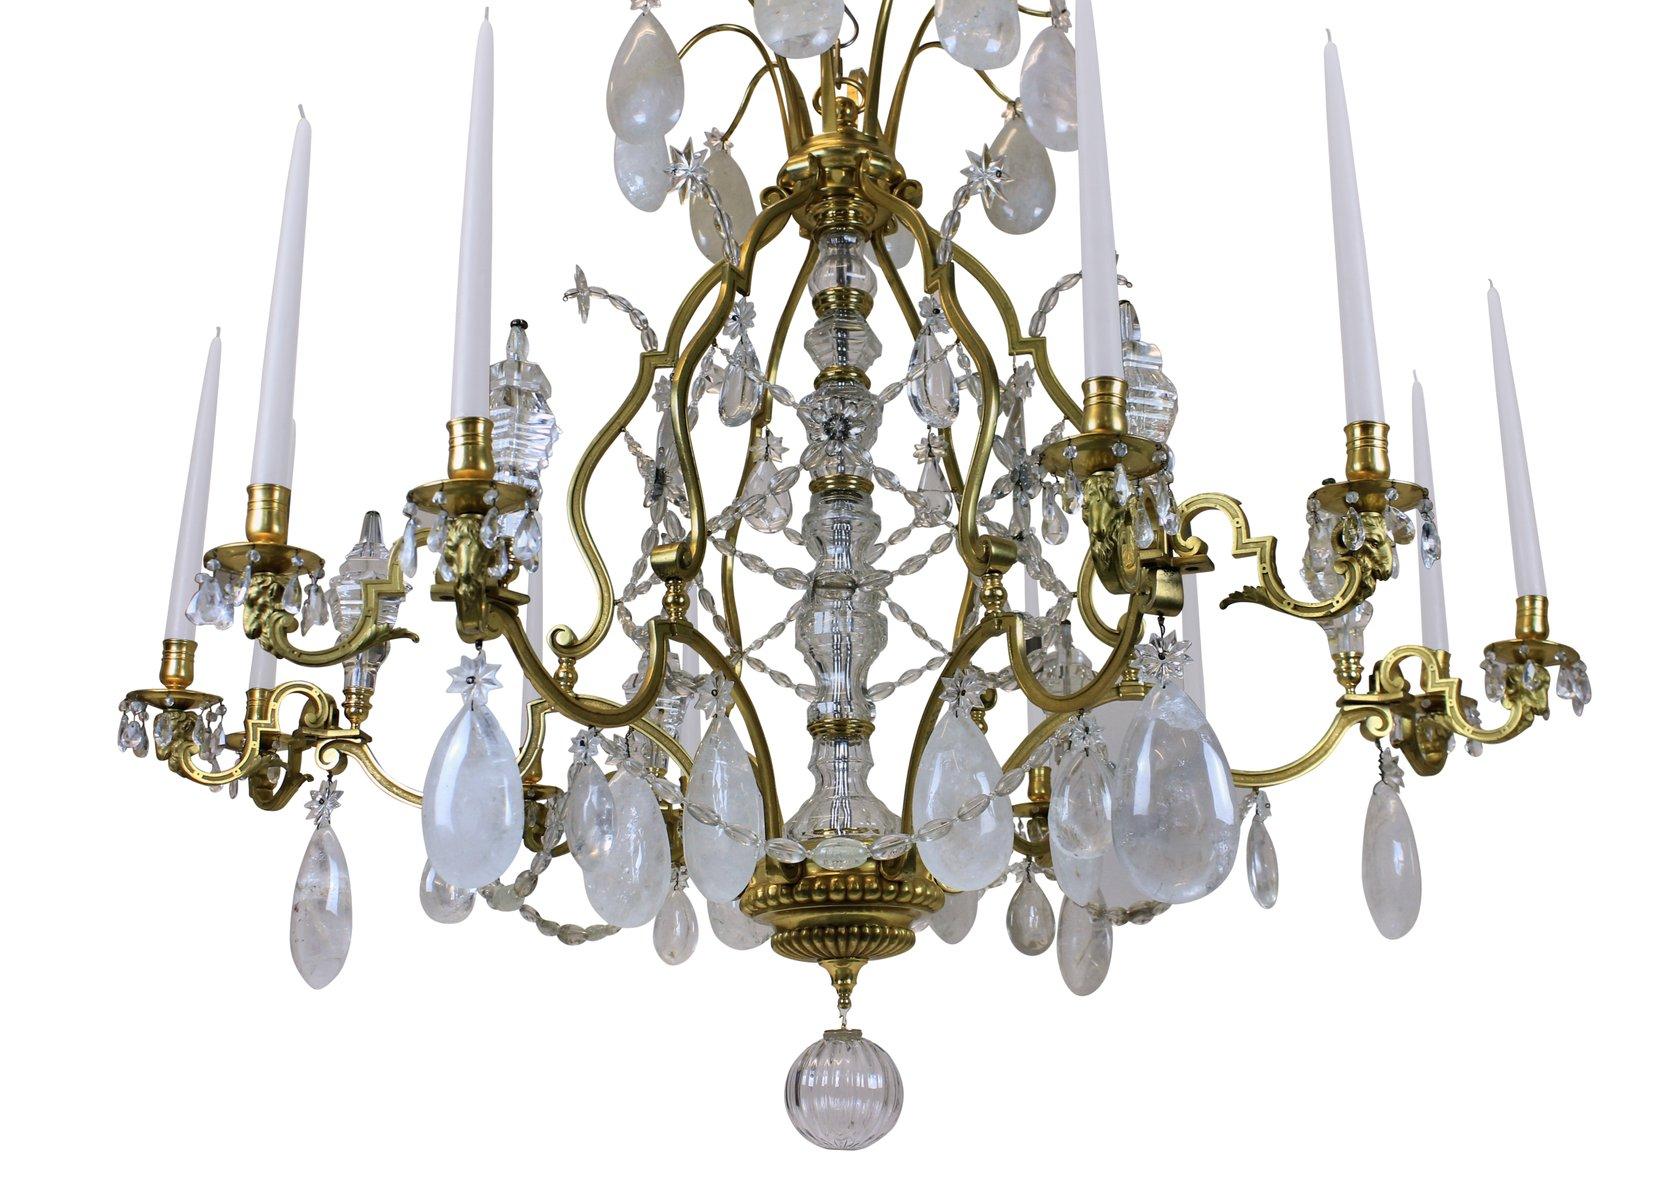 Large antique louis xiv gilt bronze rock crystal chandelier en large antique louis xiv gilt bronze rock crystal chandelier aloadofball Choice Image